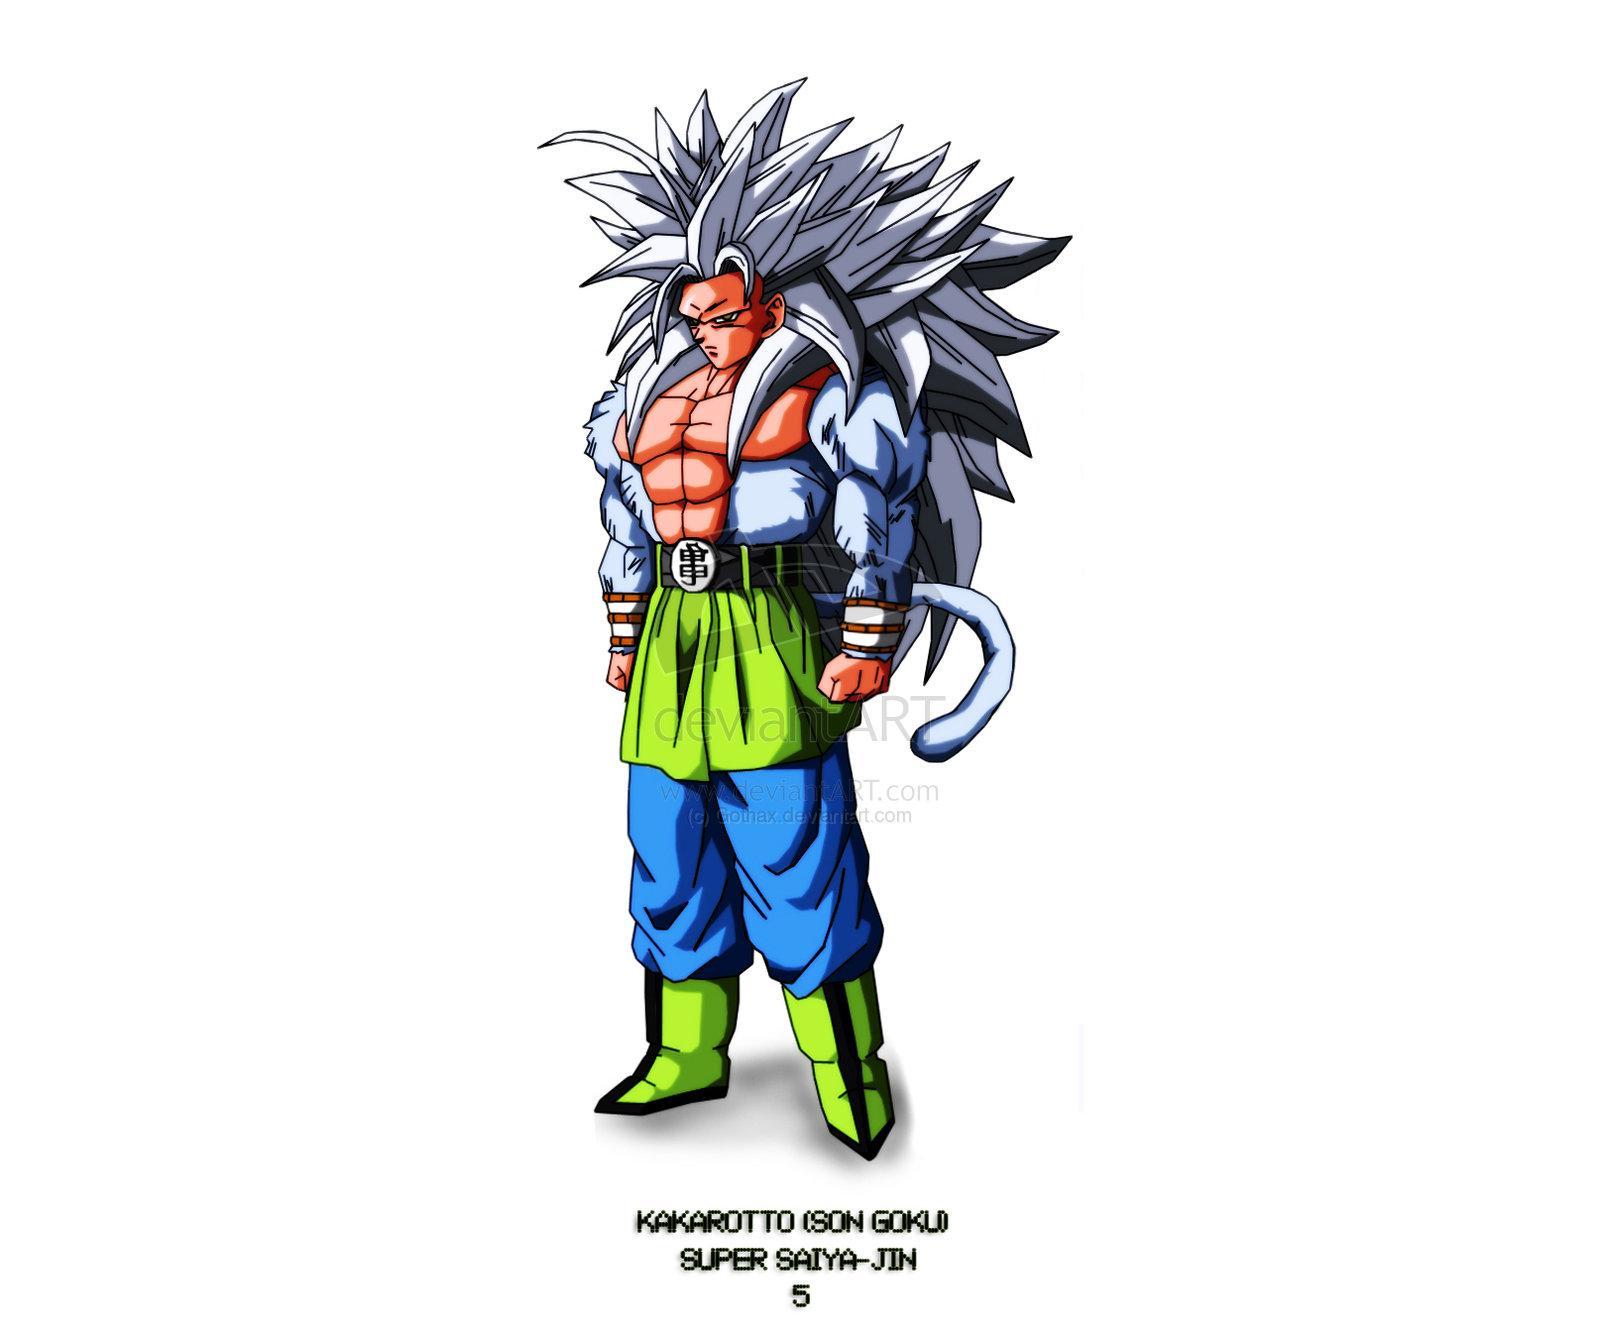 Image goku af super saiyan 5 jpg ultra dragon ball - Goku super sayan 5 ...